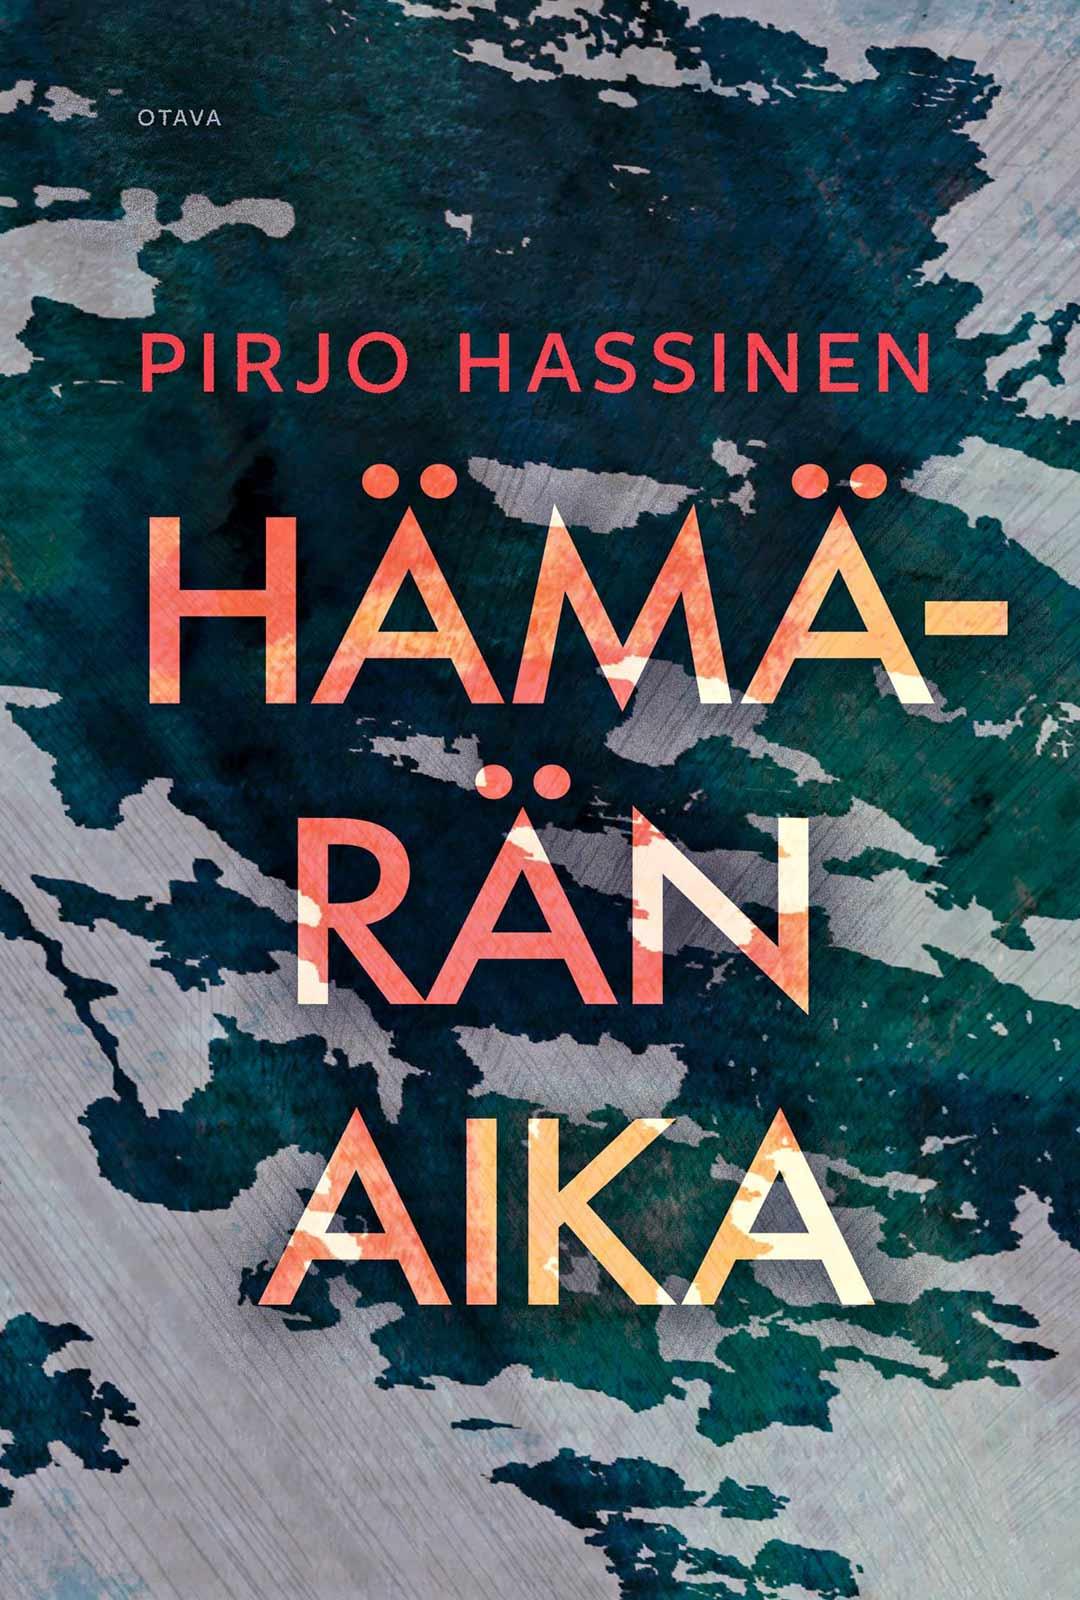 Pirjo Hassisen uusi kirja on kahden edellisen romaanin, Populan ja Kalmarin, itsenäinen jatko-osa, joka käsittelee myös oikeistopopulismia ja sen vaikutusta ihmisten elämään.